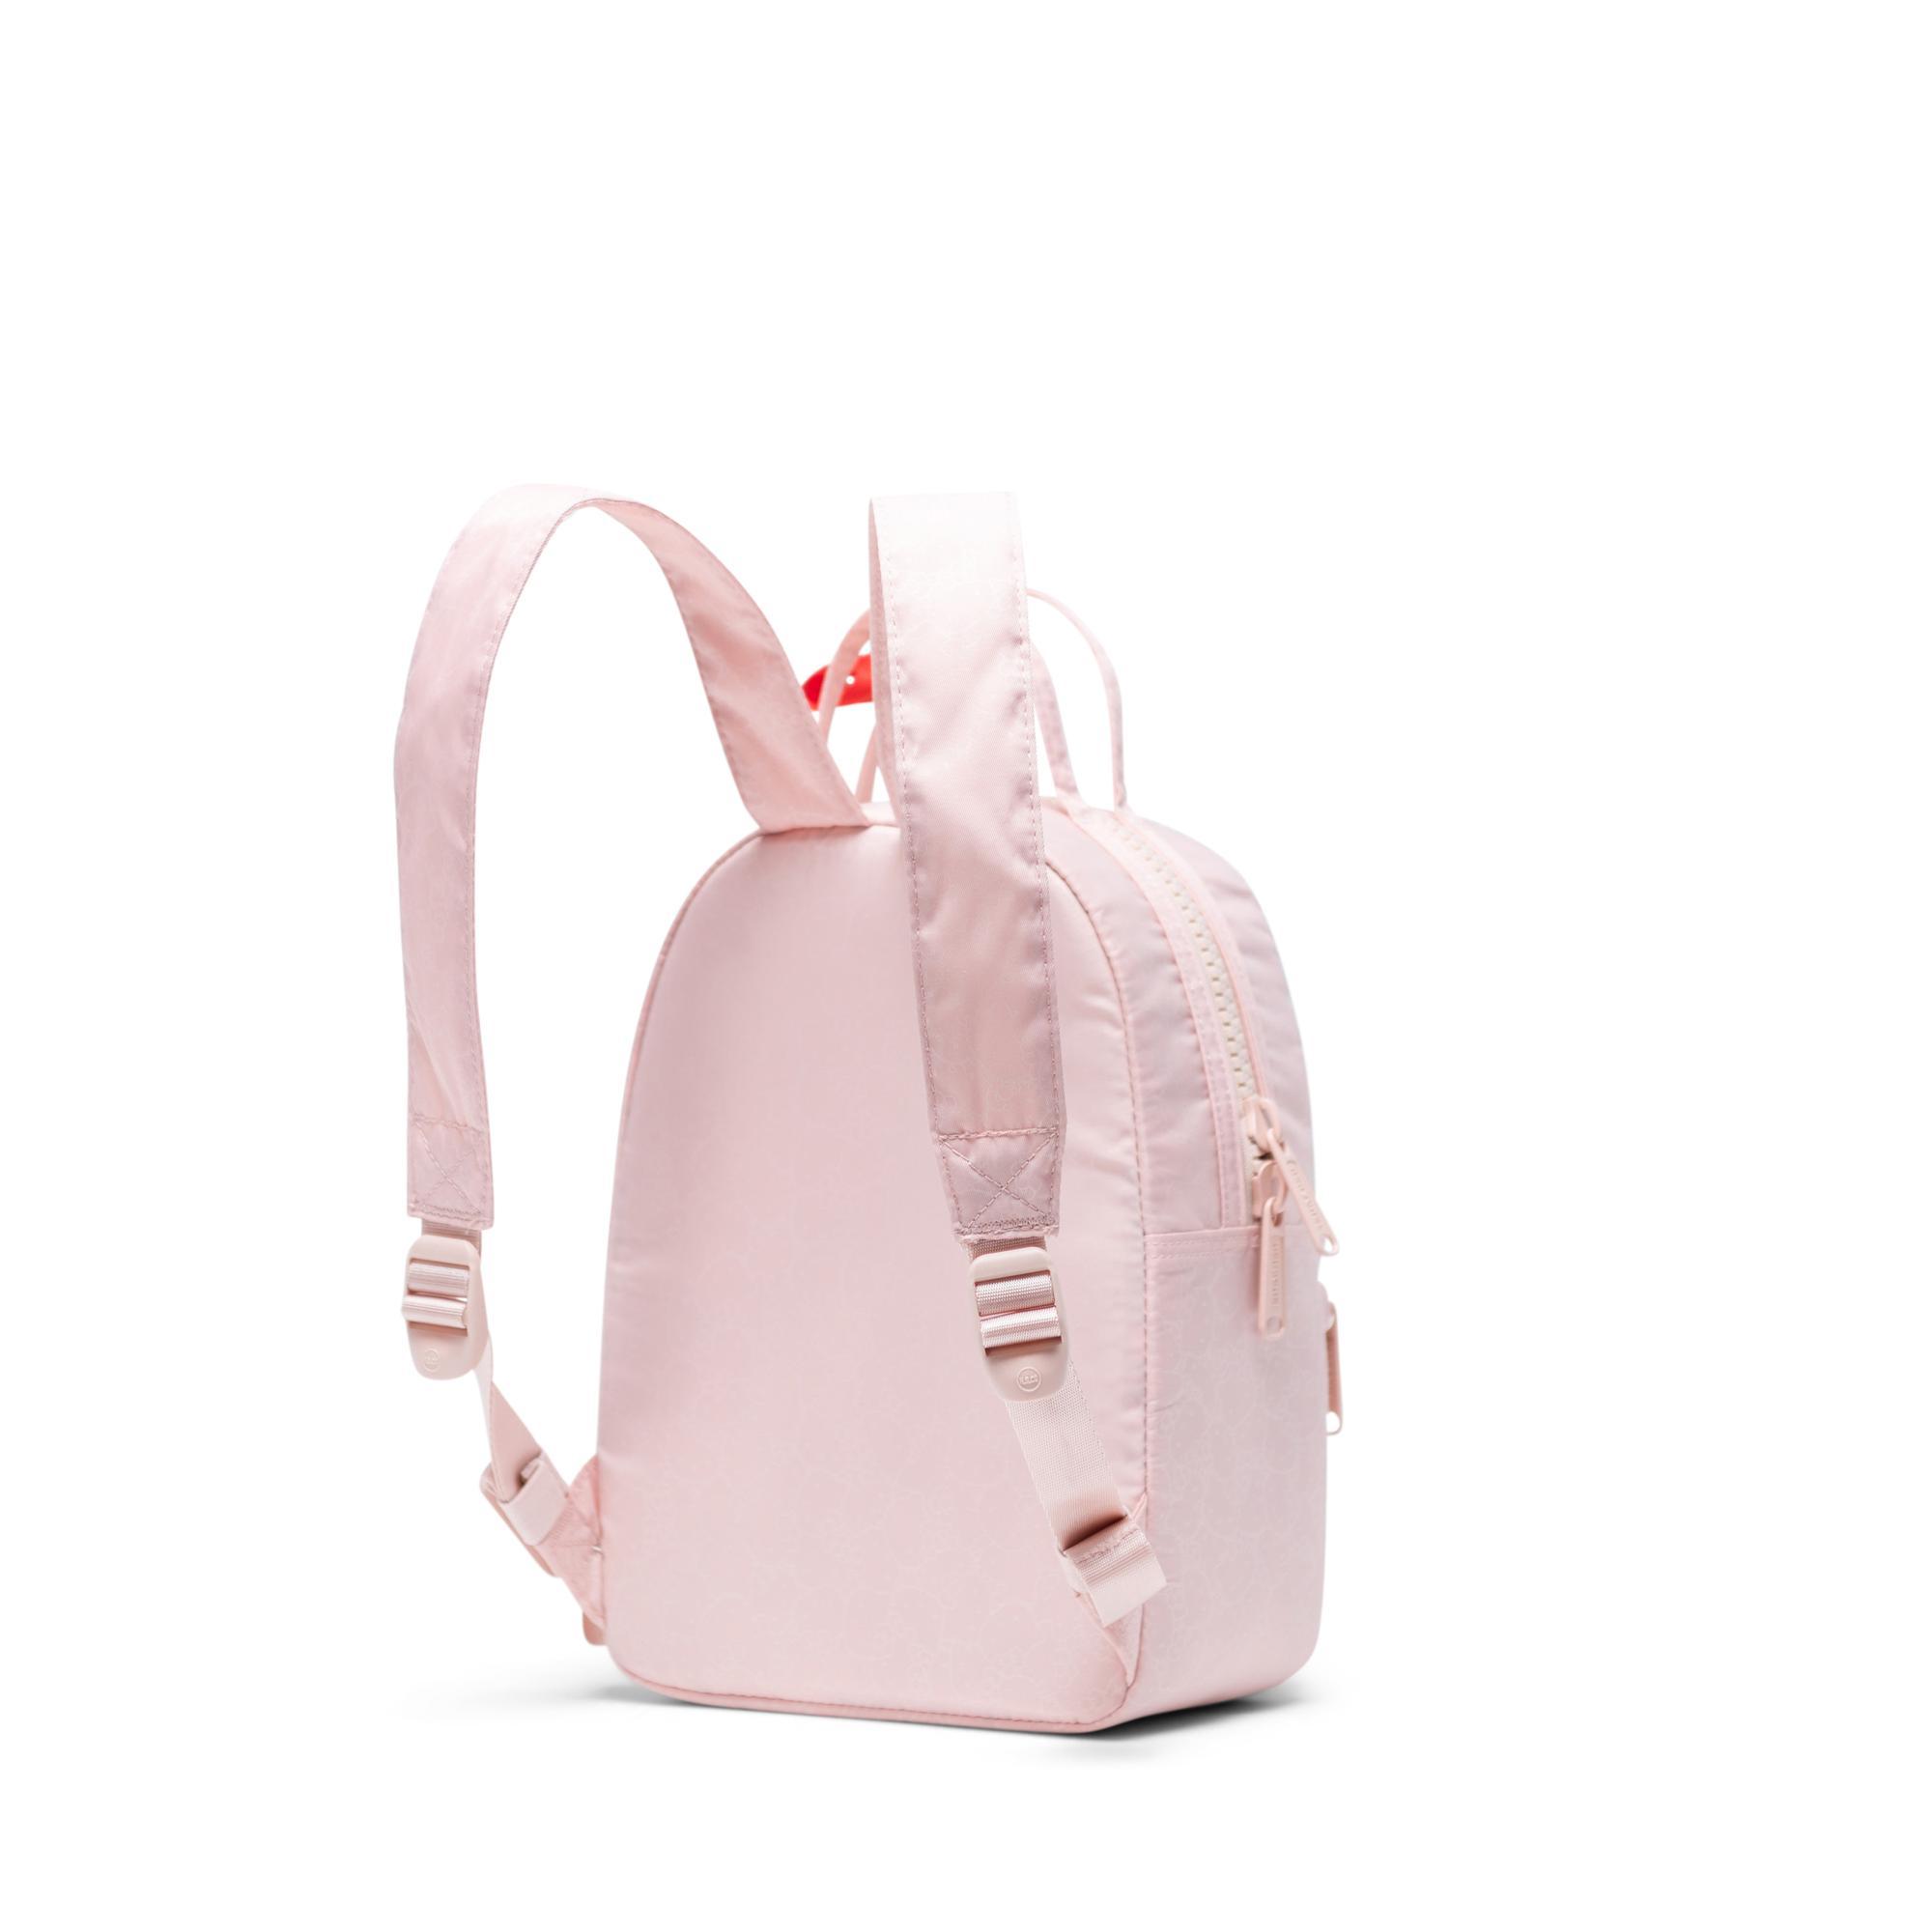 530d0f7614ef Nova Backpack Mini Hello Kitty